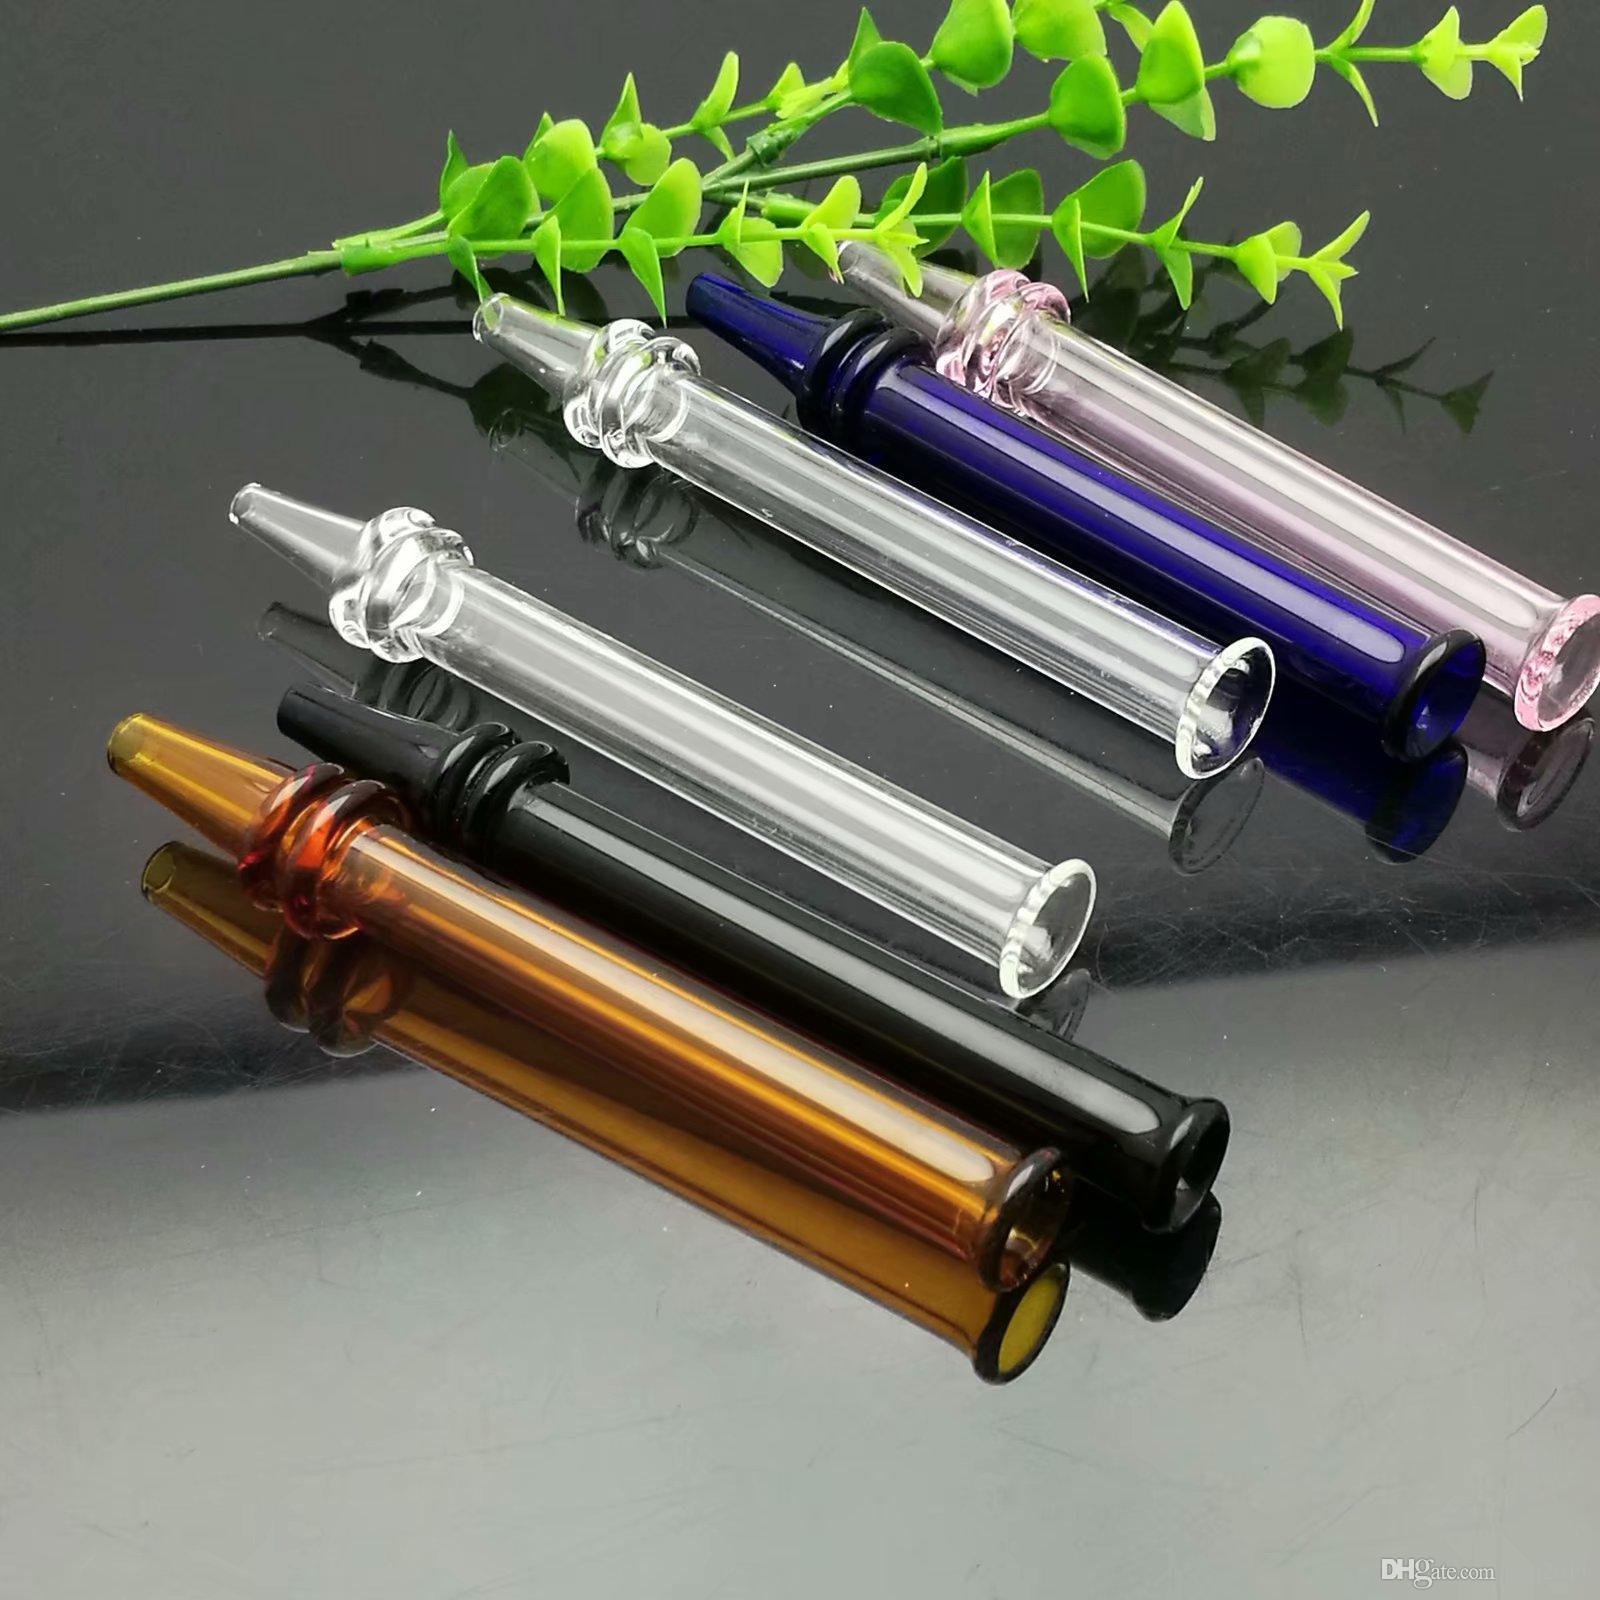 Sıcak yeni 3 mermin renkli cam emme memesi, Cam Bong Su Boru Bongs Boruları Aksesuarları Kaseler, renk rastgele teslim